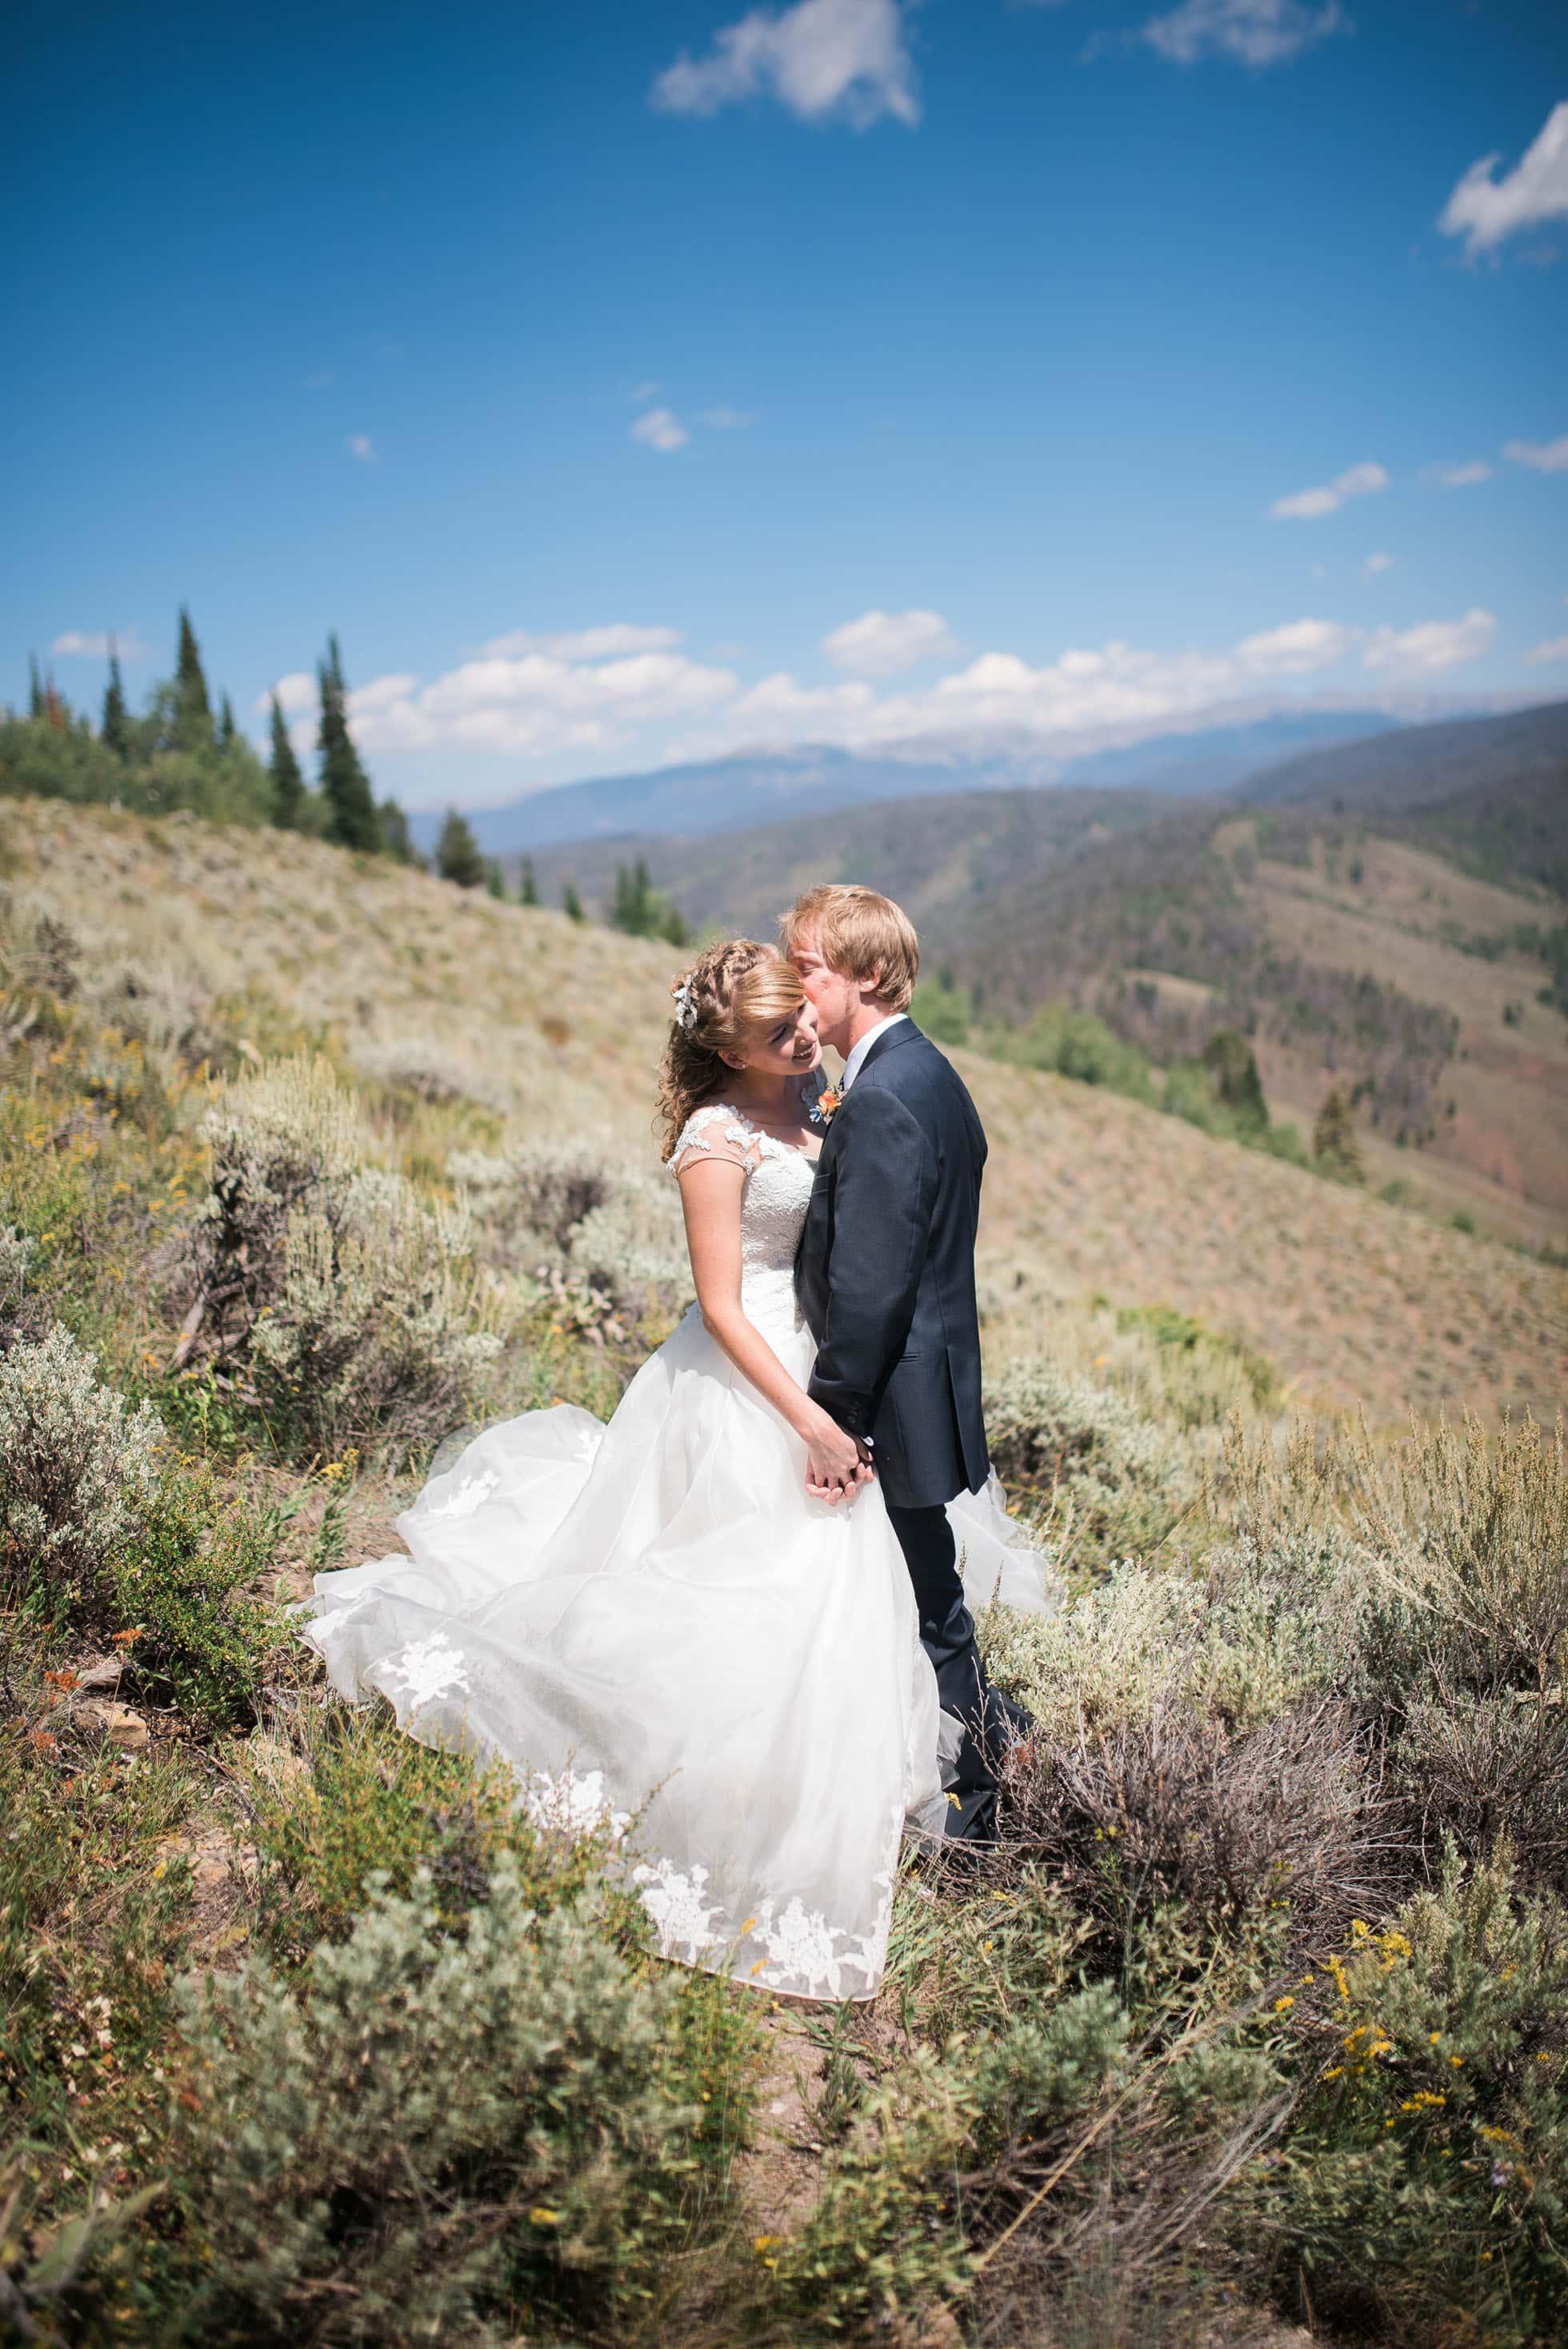 Granby Ranch Weddings | Northern Colorado Wedding Venue